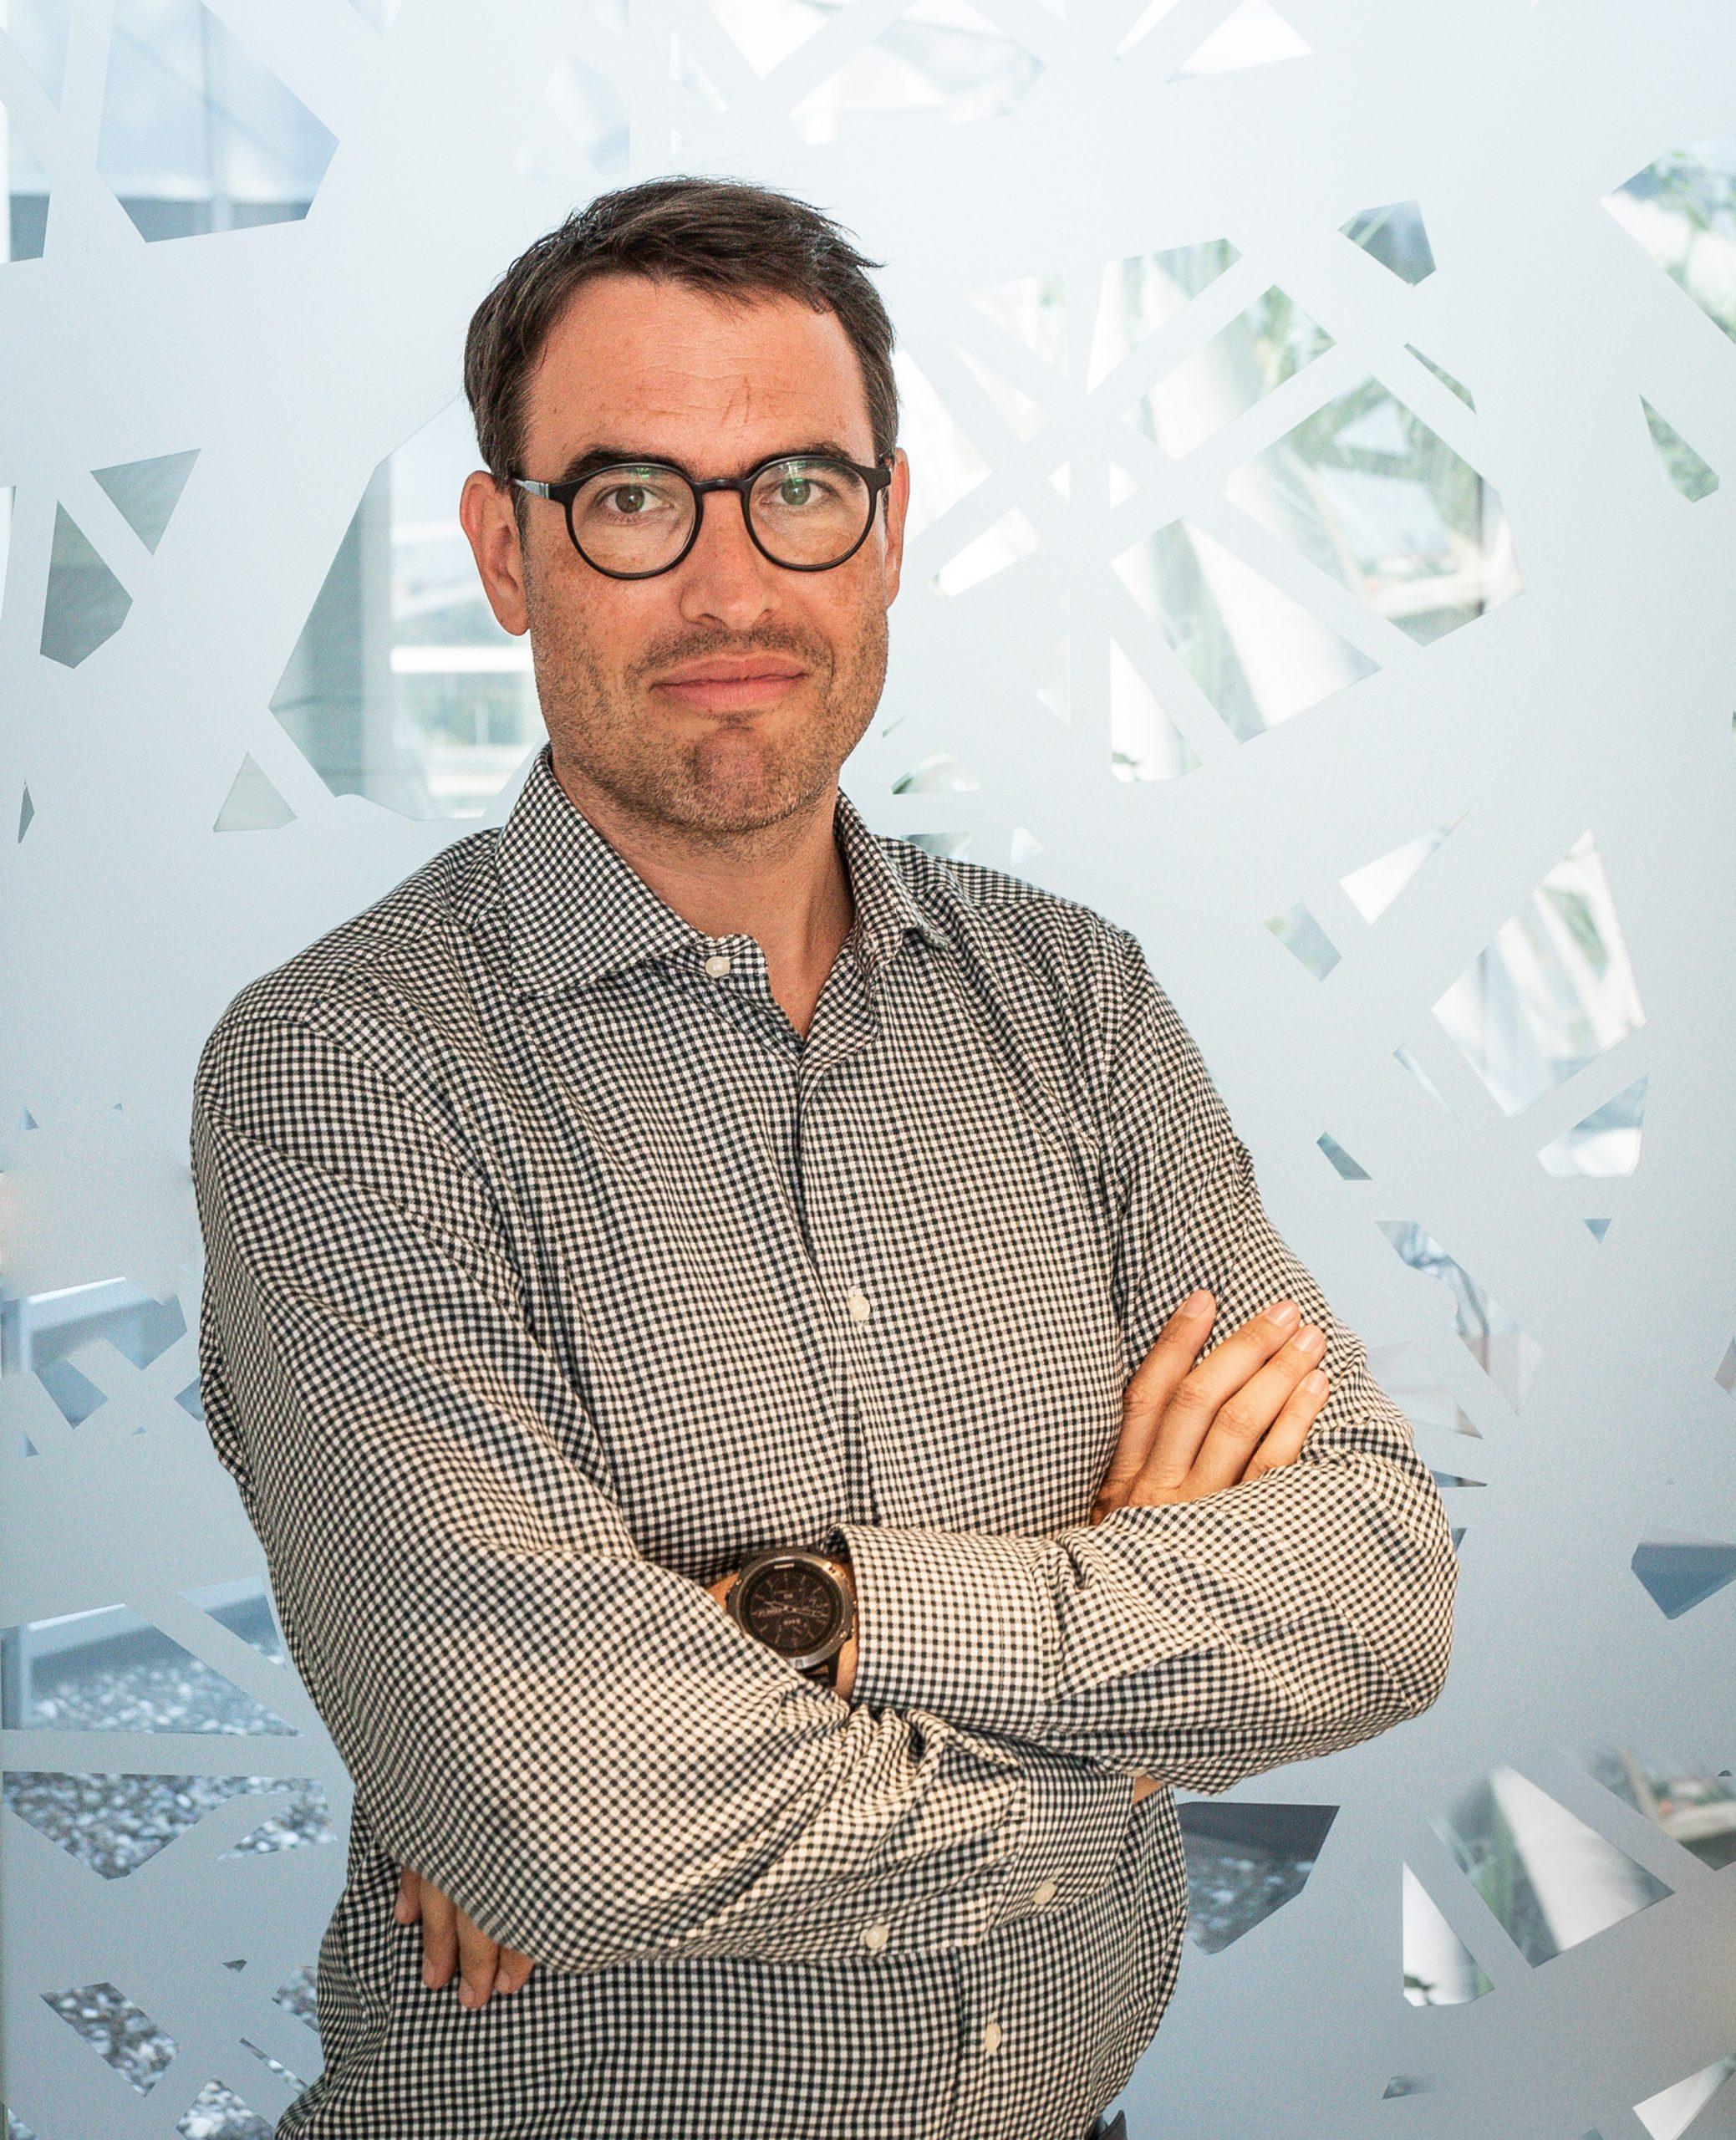 Florian Jug